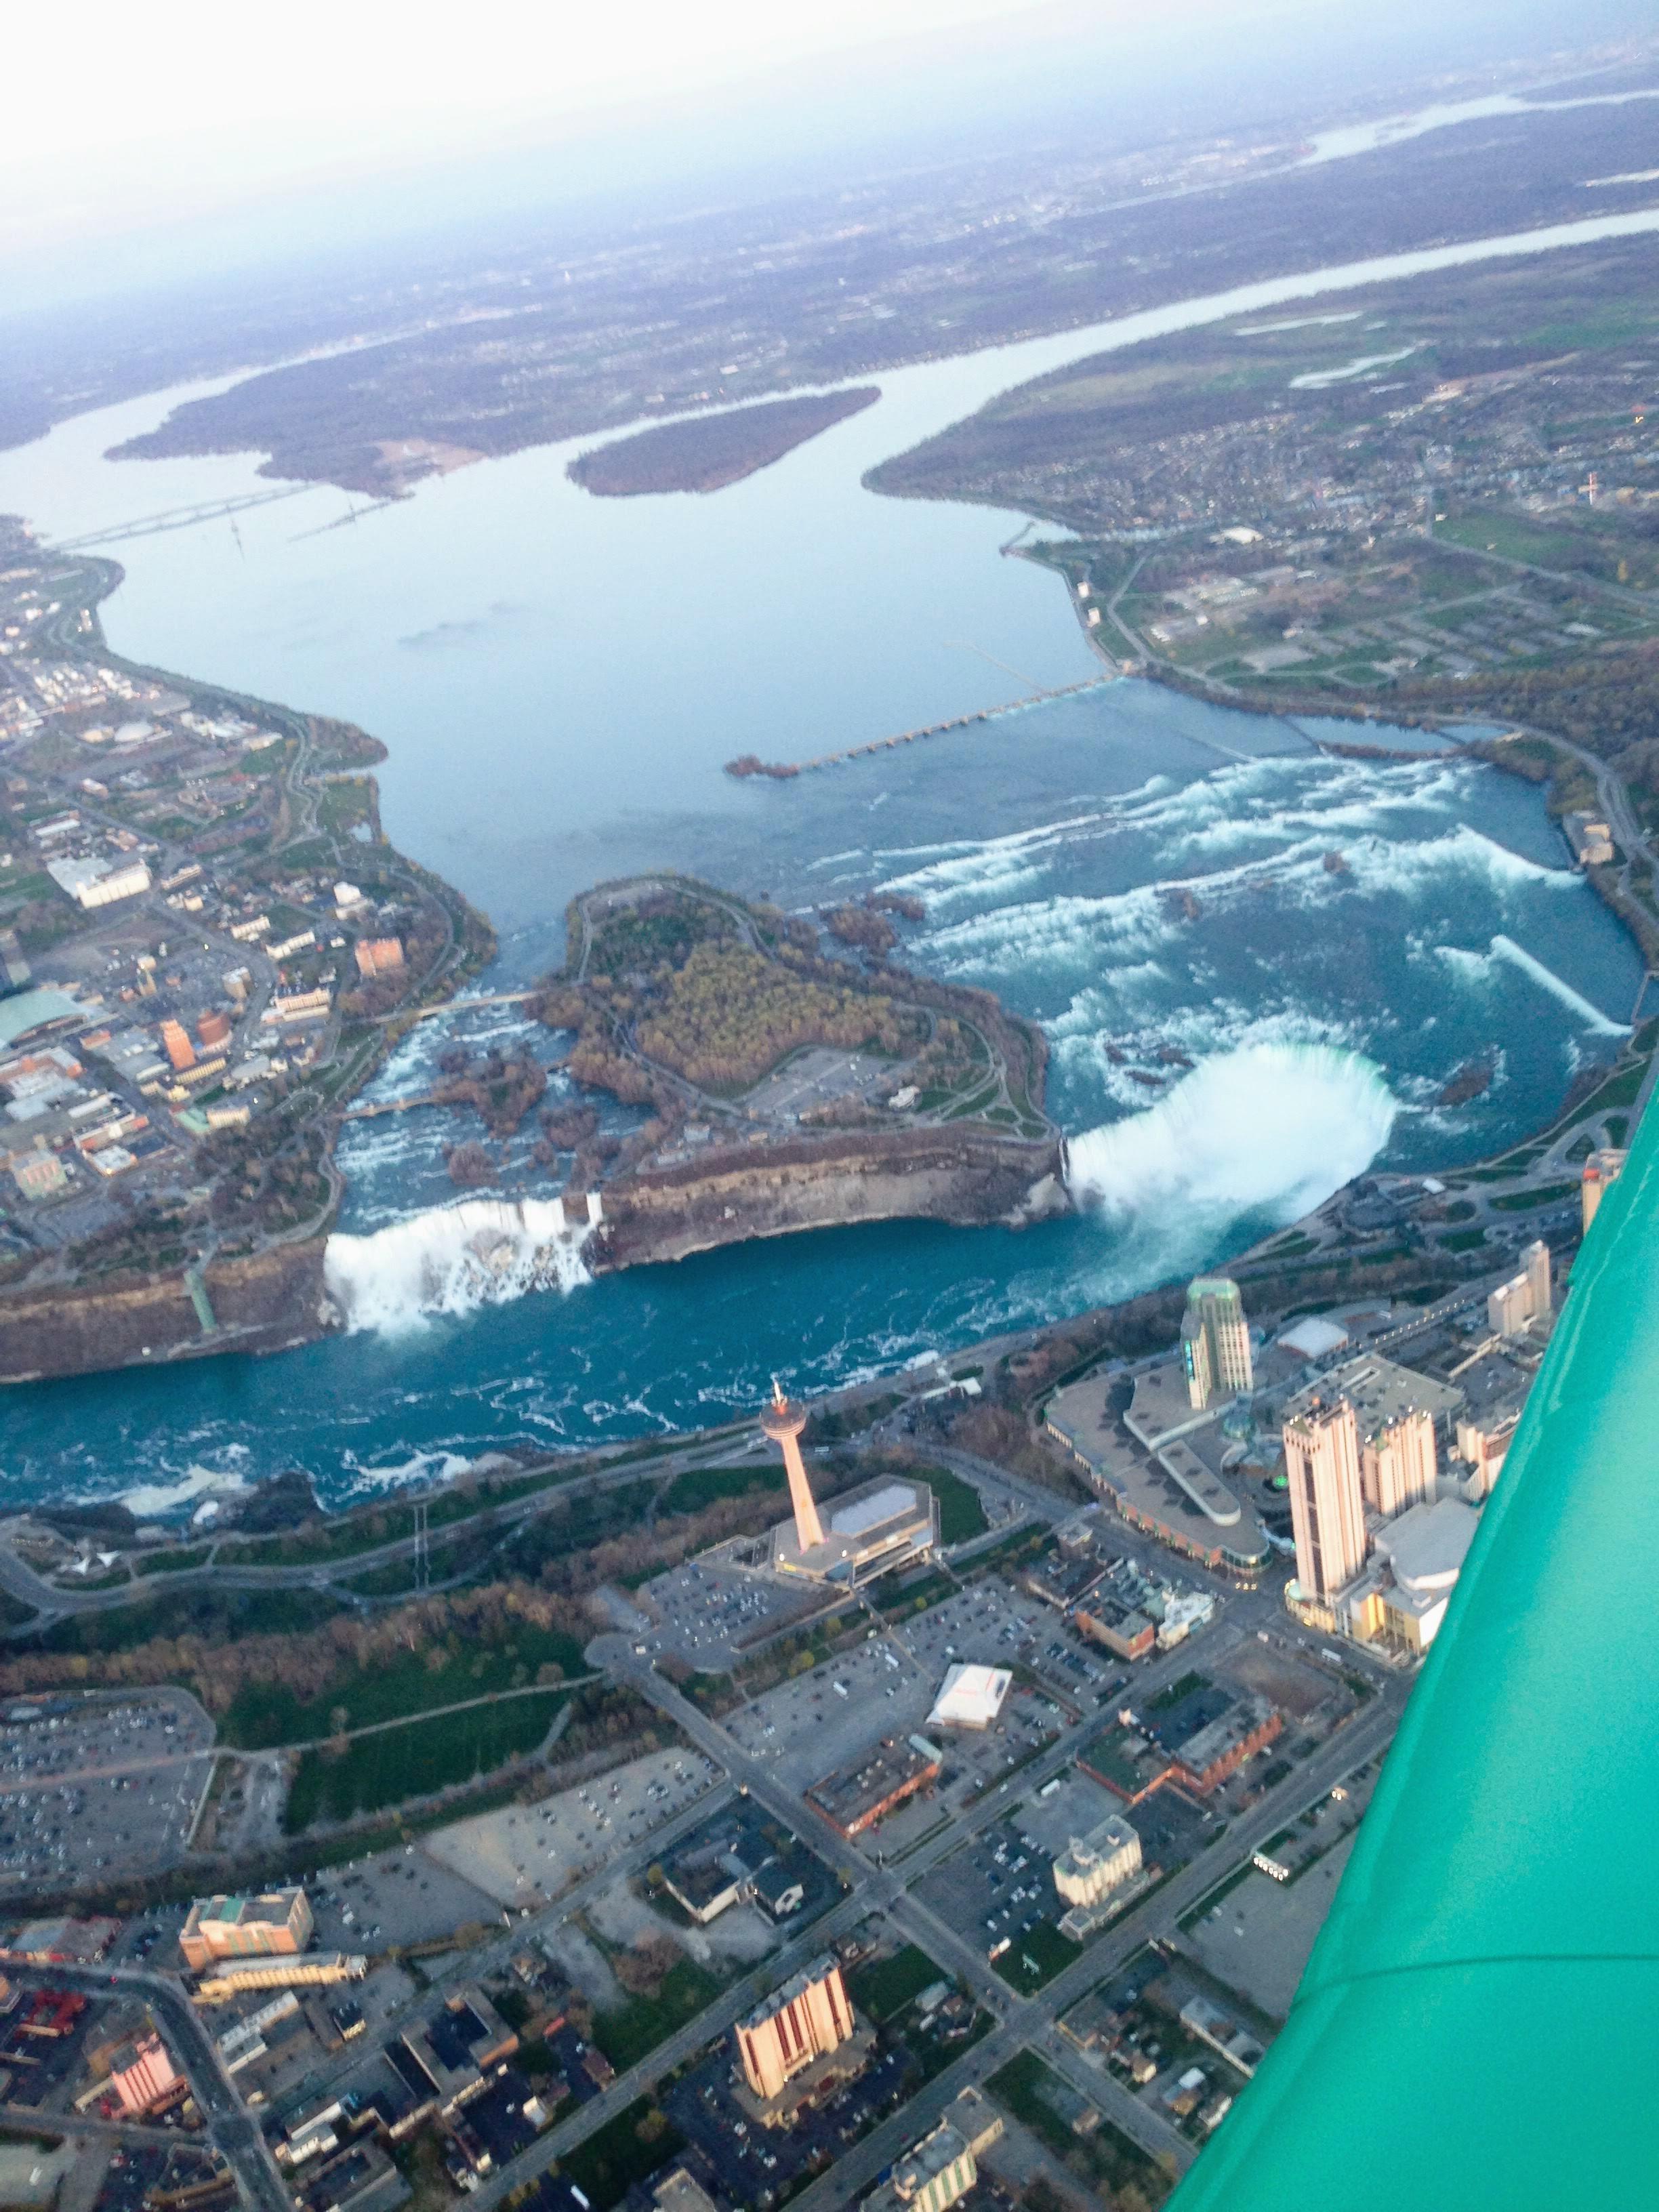 Niagara Falls Buffalo NY USA travel tips city guide travel guide